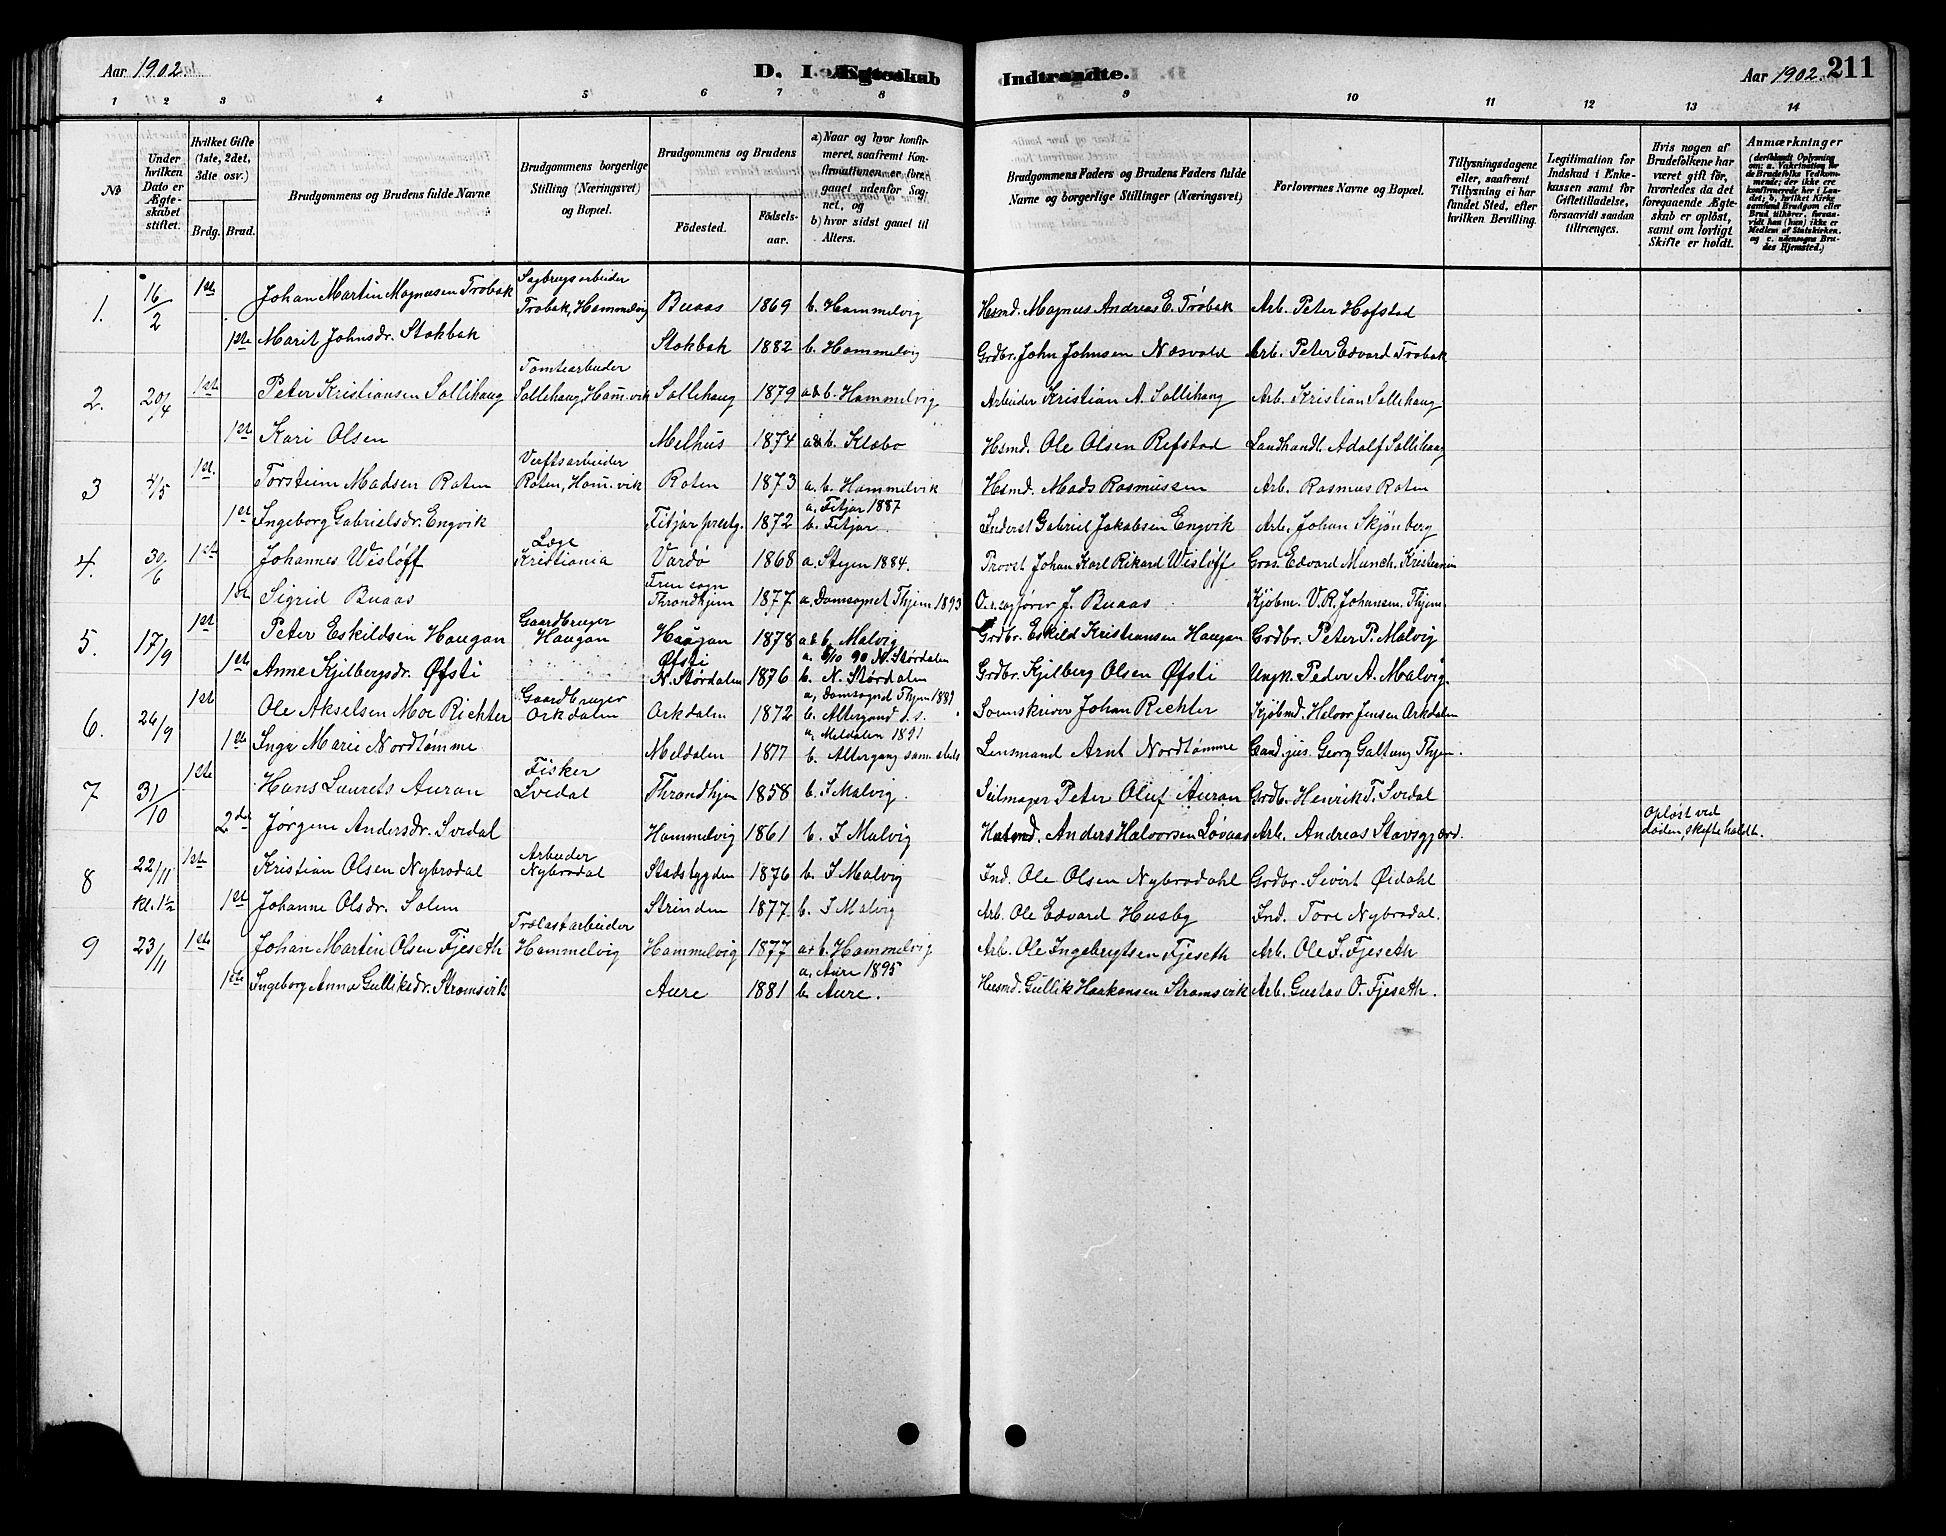 SAT, Ministerialprotokoller, klokkerbøker og fødselsregistre - Sør-Trøndelag, 616/L0423: Klokkerbok nr. 616C06, 1878-1903, s. 211